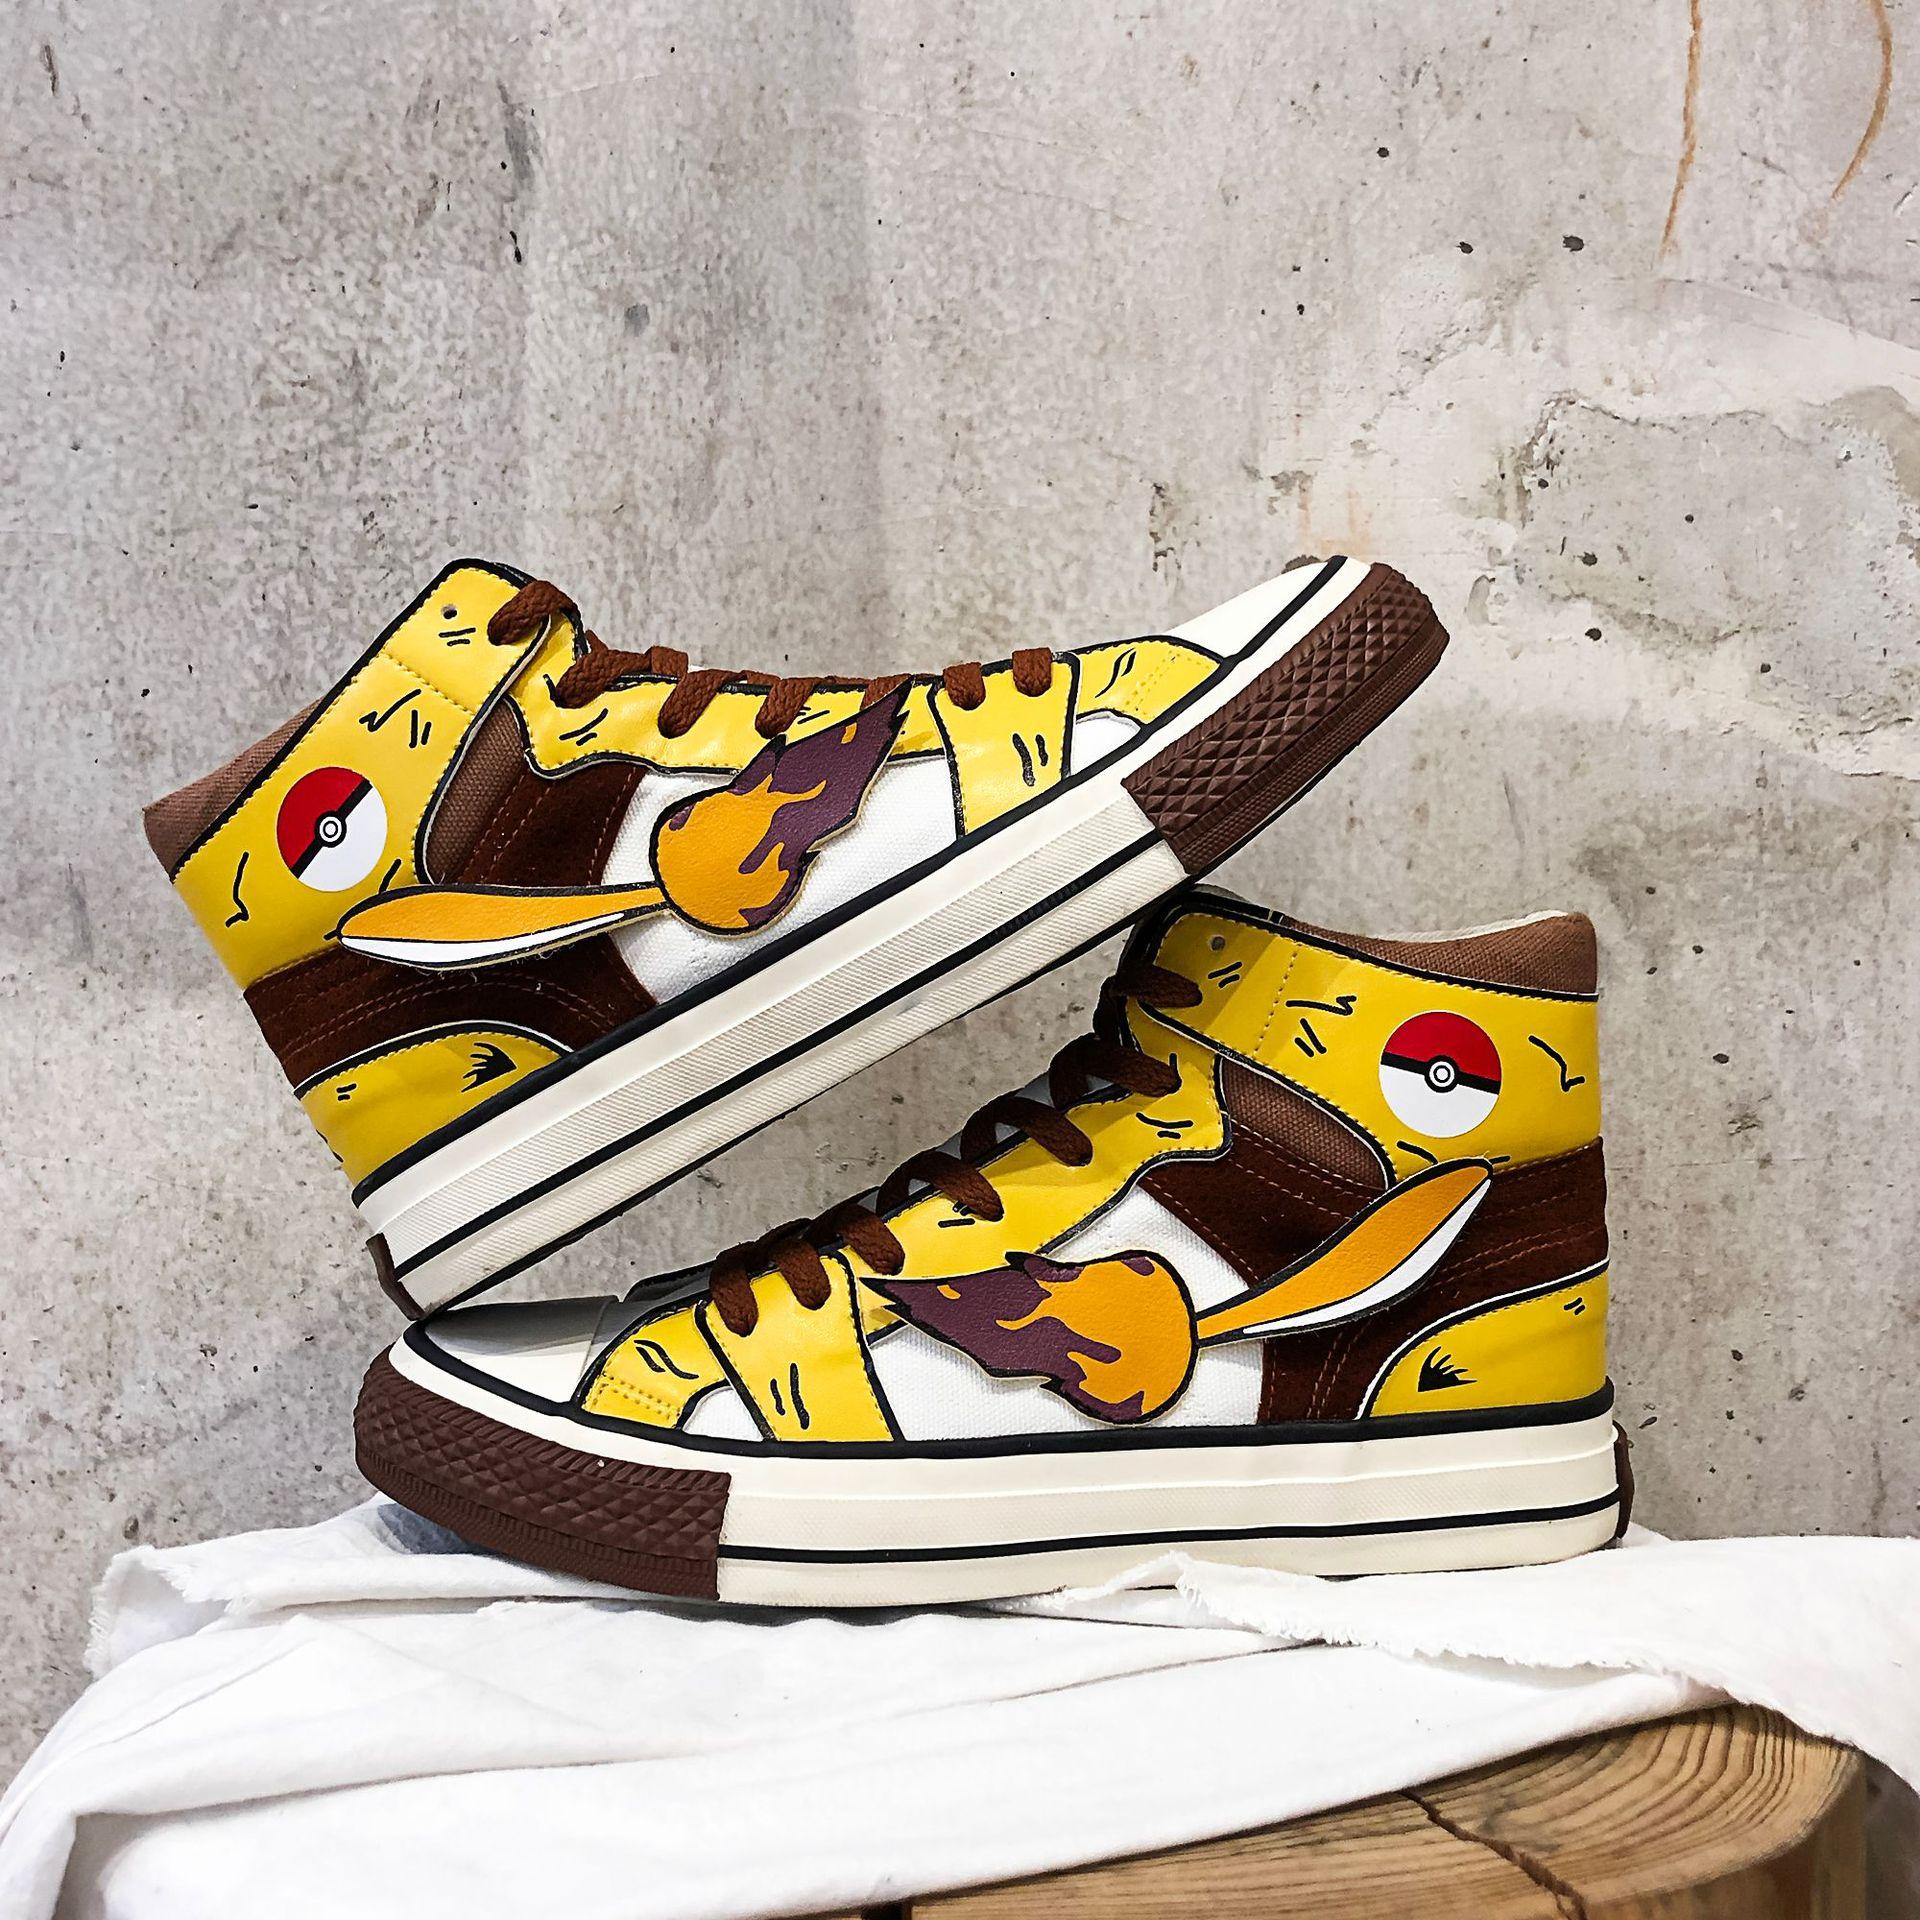 Модная парусиновая обувь для костюмированной вечеринки в стиле аниме «Покемон каваи Пикачу»; обувь для подростков; школьная спортивная обувь; кроссовки; Уличная обувь для путешествий